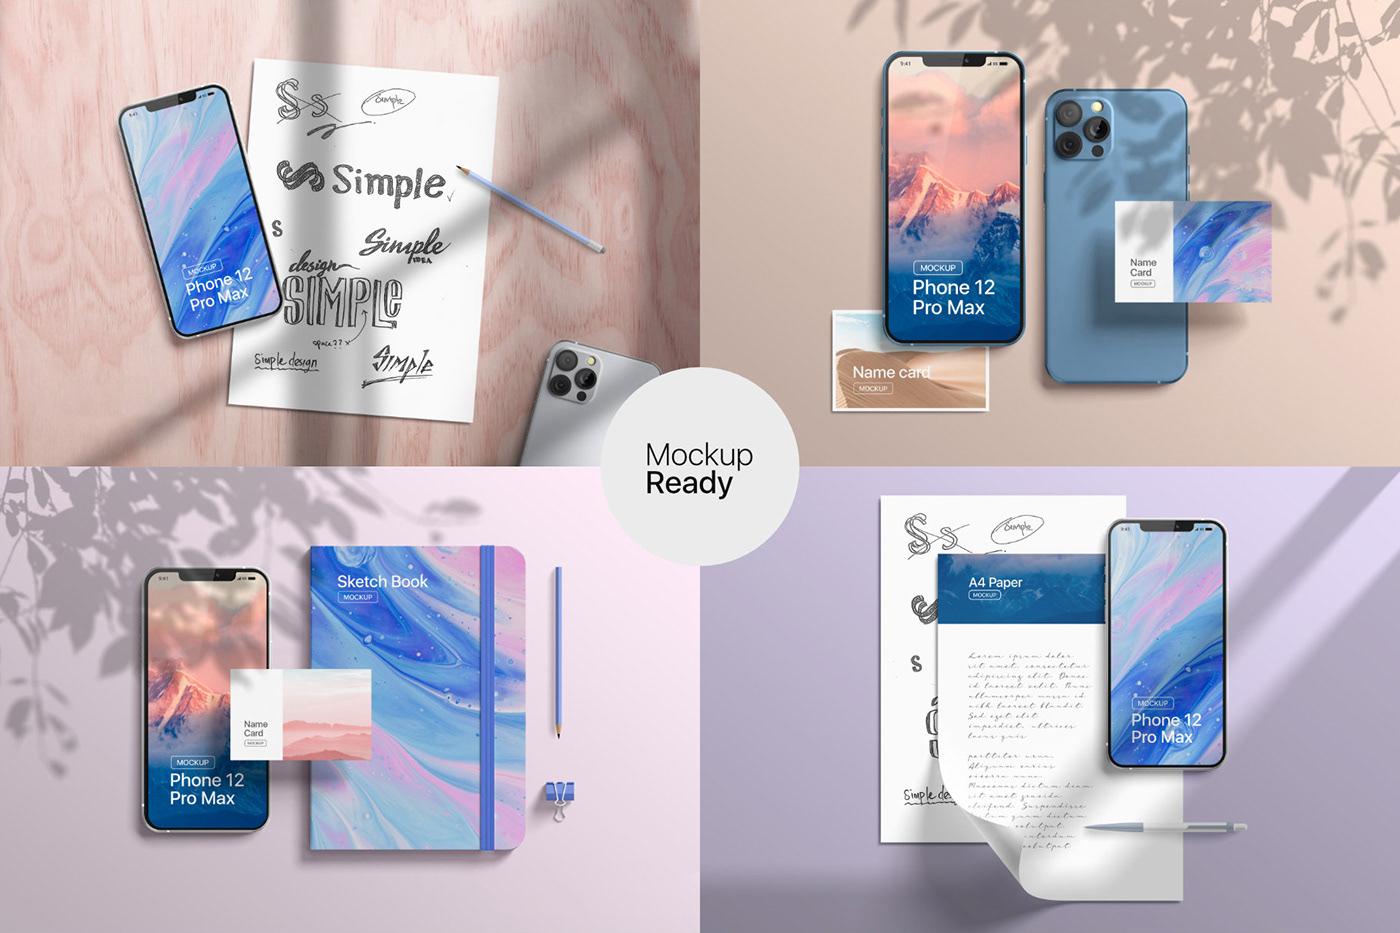 20款时尚苹果iPhone 12 Pro手机APP应用设计屏幕演示样机模板 iPhone 12 Pro Max Mockup插图8